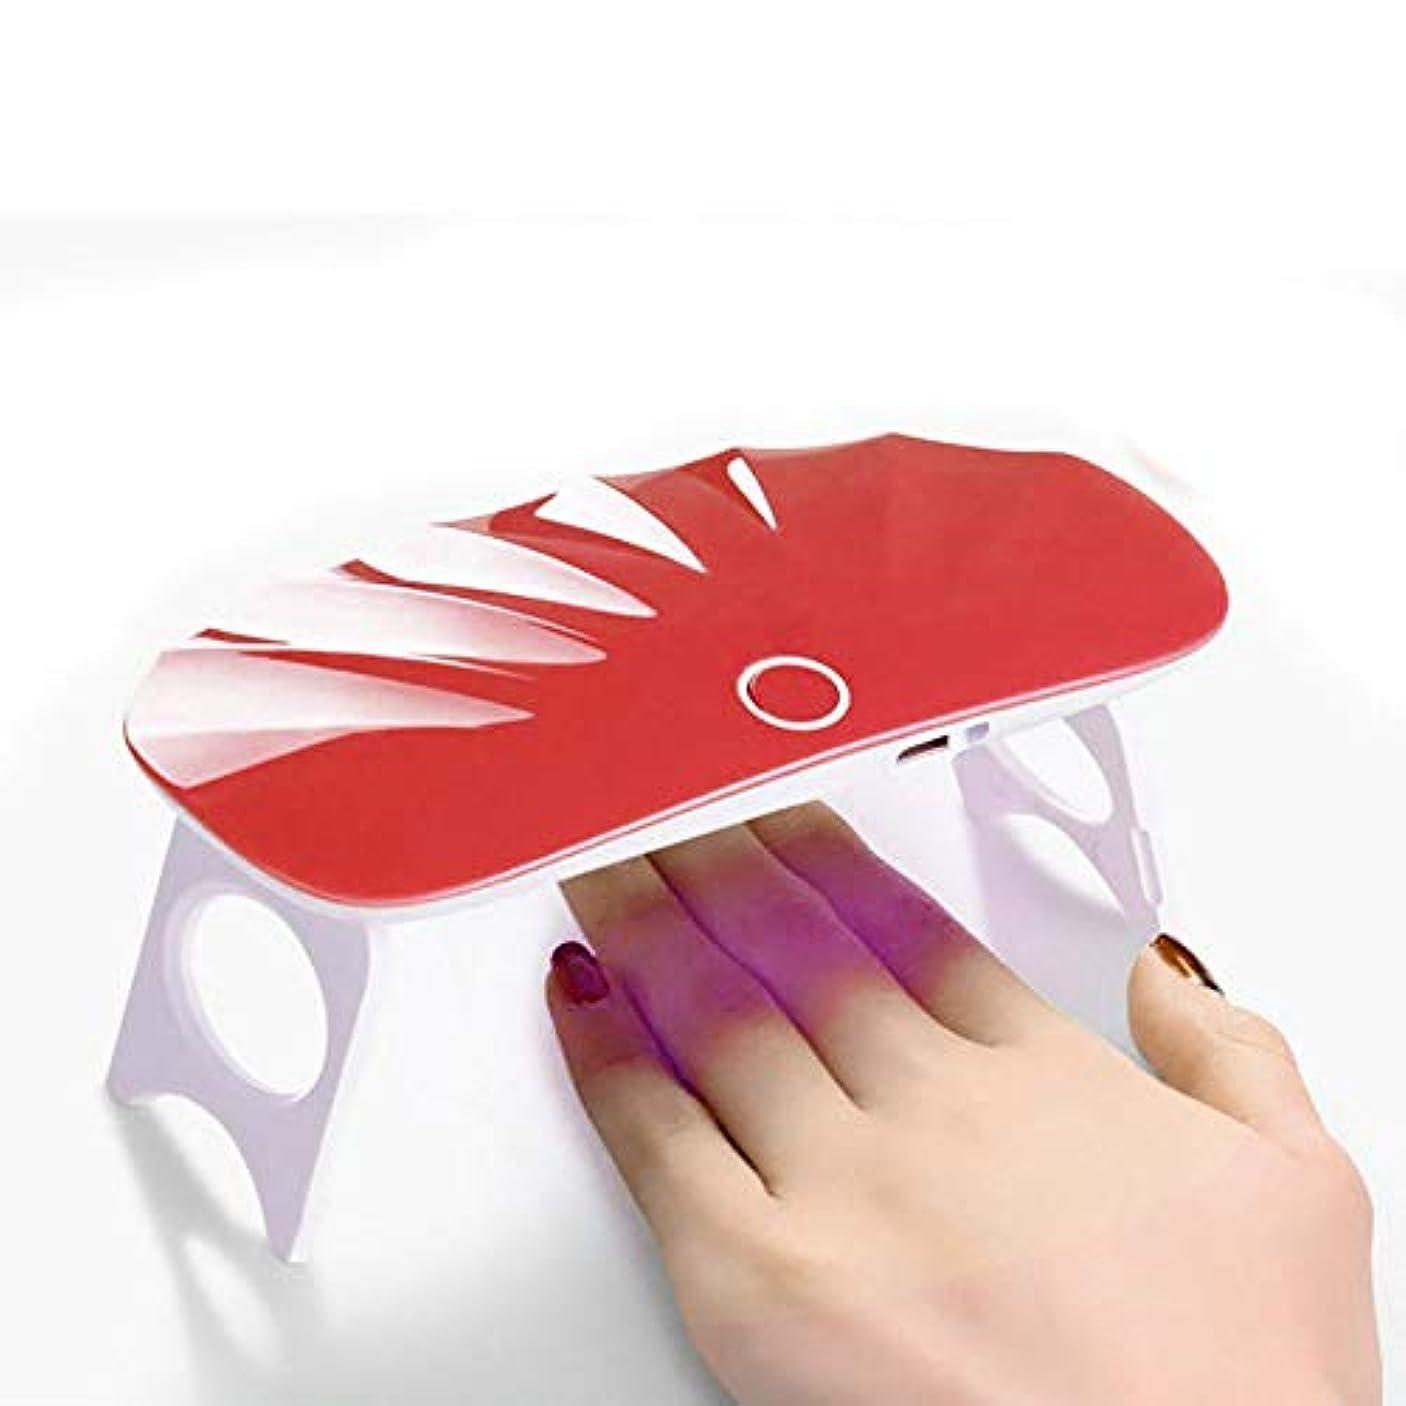 荒涼とした石鹸かろうじてJilebao ネイルライト 6W ハイパワー USBライン付き ミニ 可愛い ジェルネイル レジンクラフト コンパクト LEDライト UVライト ネイルドライヤー 自動検知モード 折りたたみ式 手足とも使える (レッド)